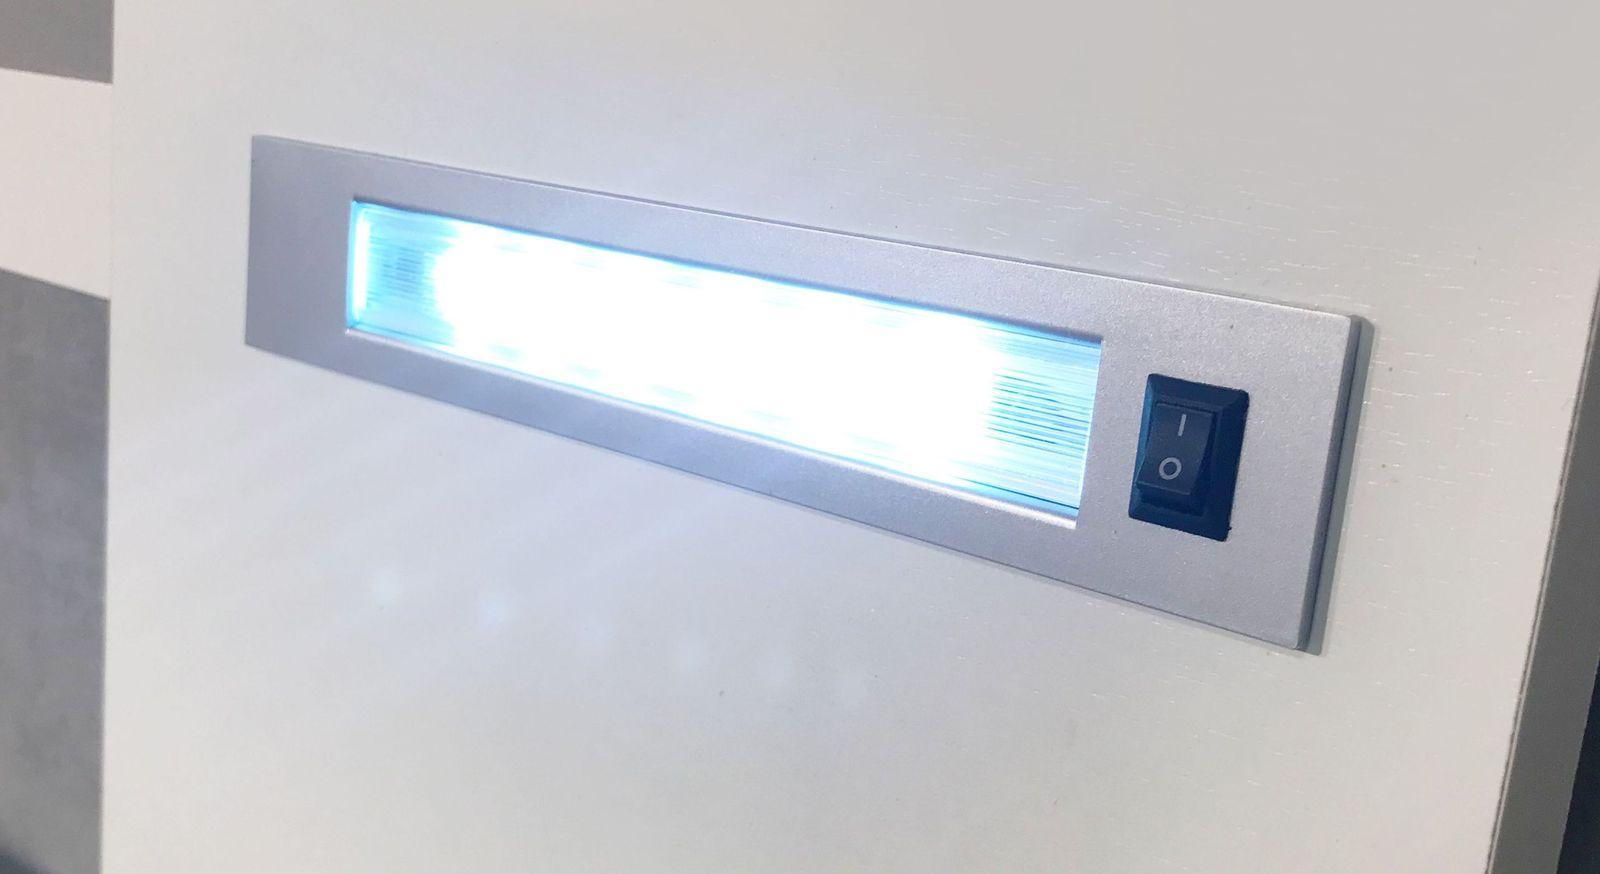 LED-Beleuchtung vom Kopfteil des Dekorbettes